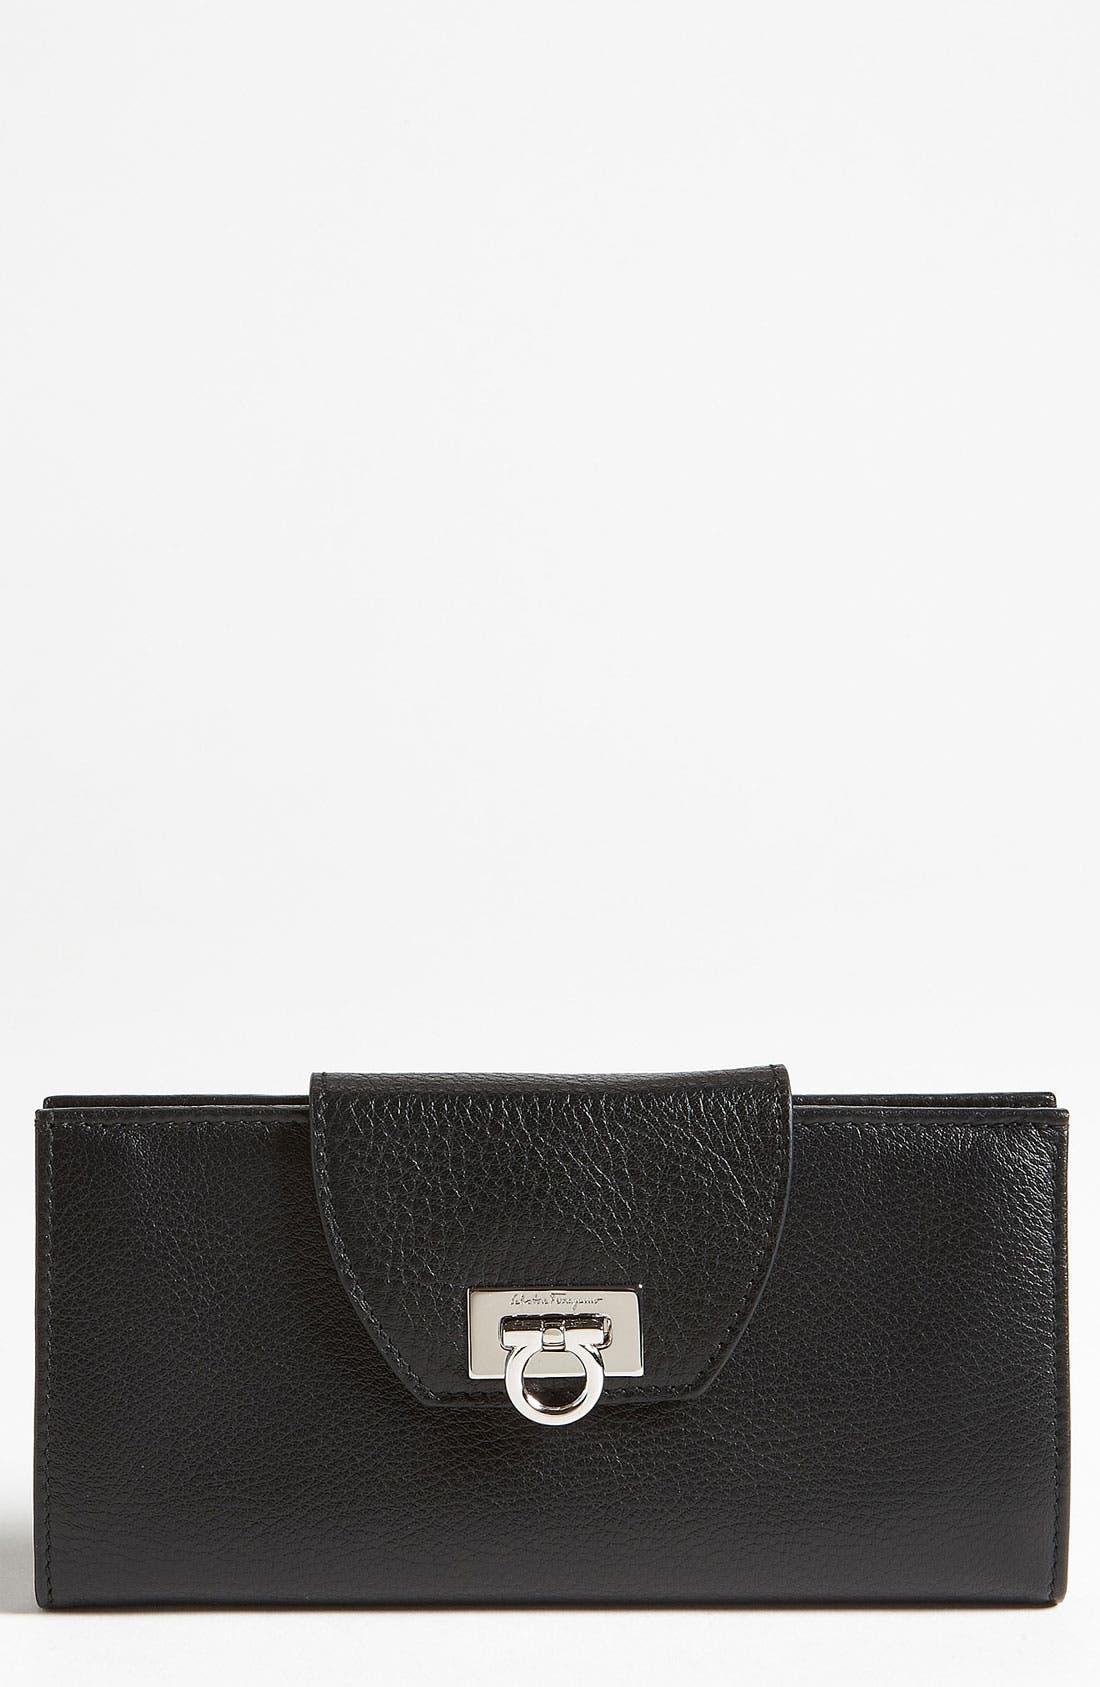 Main Image - Salvatore Ferragamo 'Vitello Safari' Continental Leather Wallet